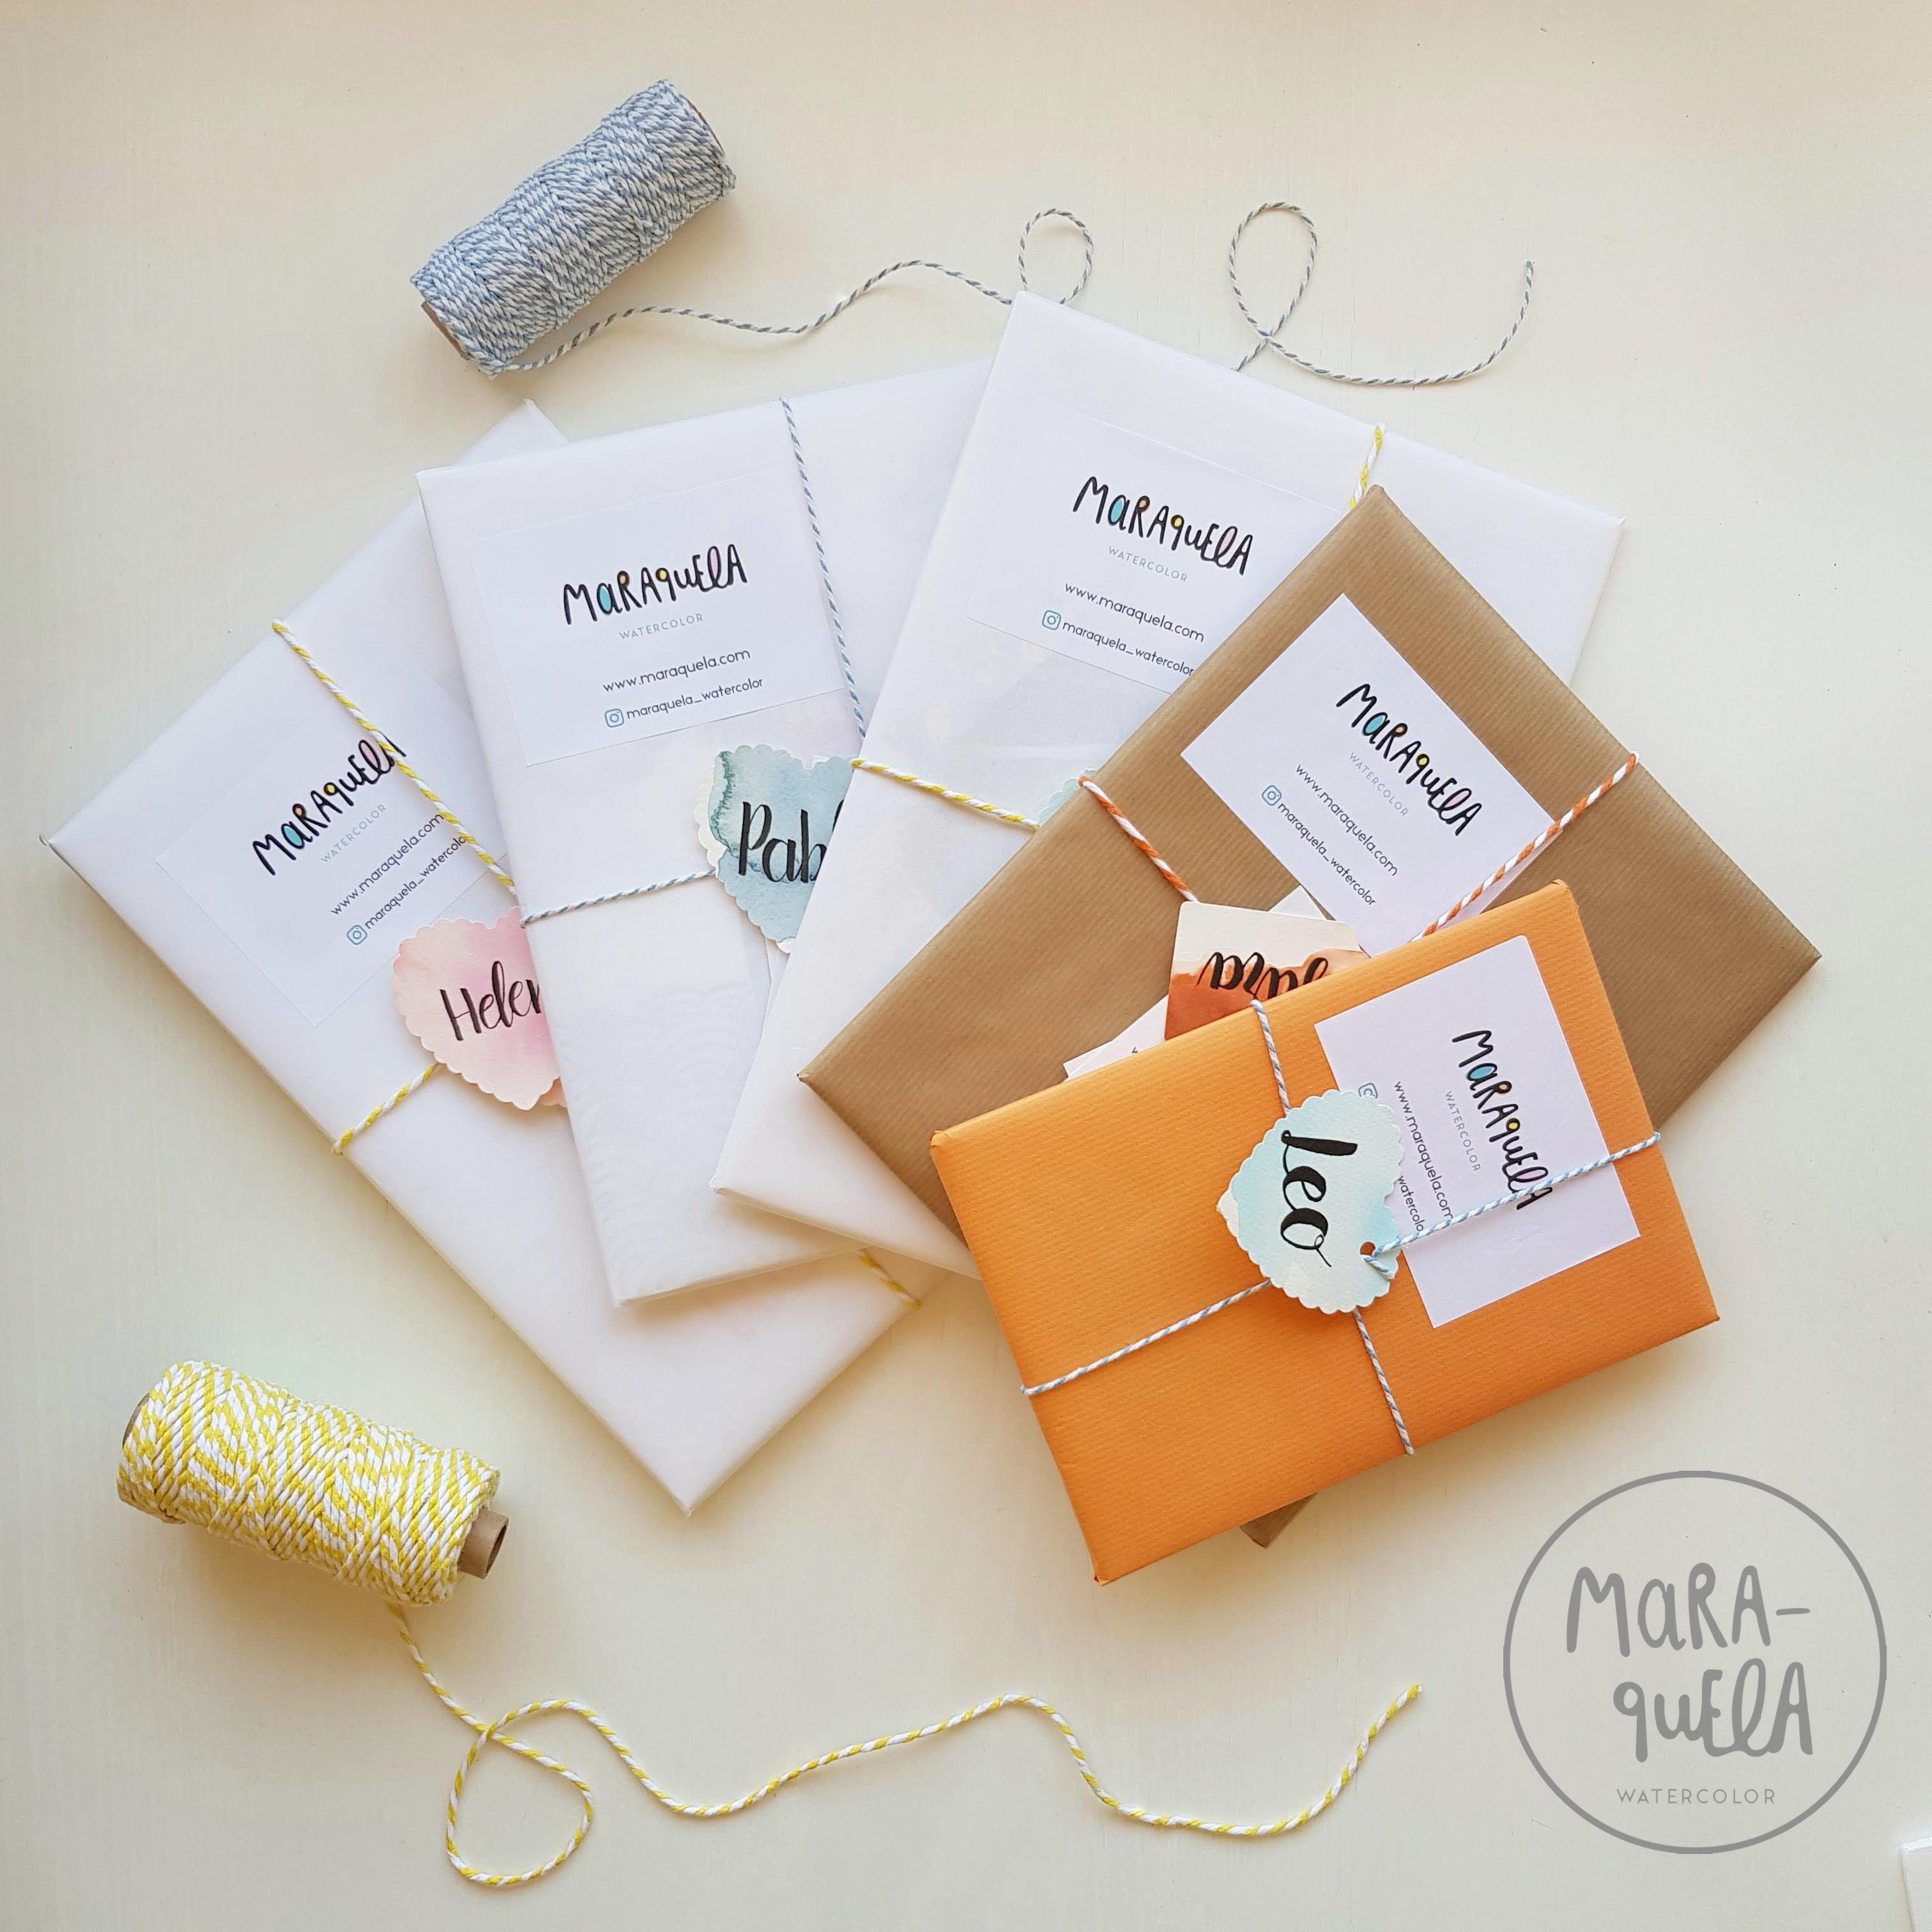 Paquetes Para Bebes Recien Nacidos.Paquetes Bonitos Regalos Unicos Y Originales Para Bebes Y